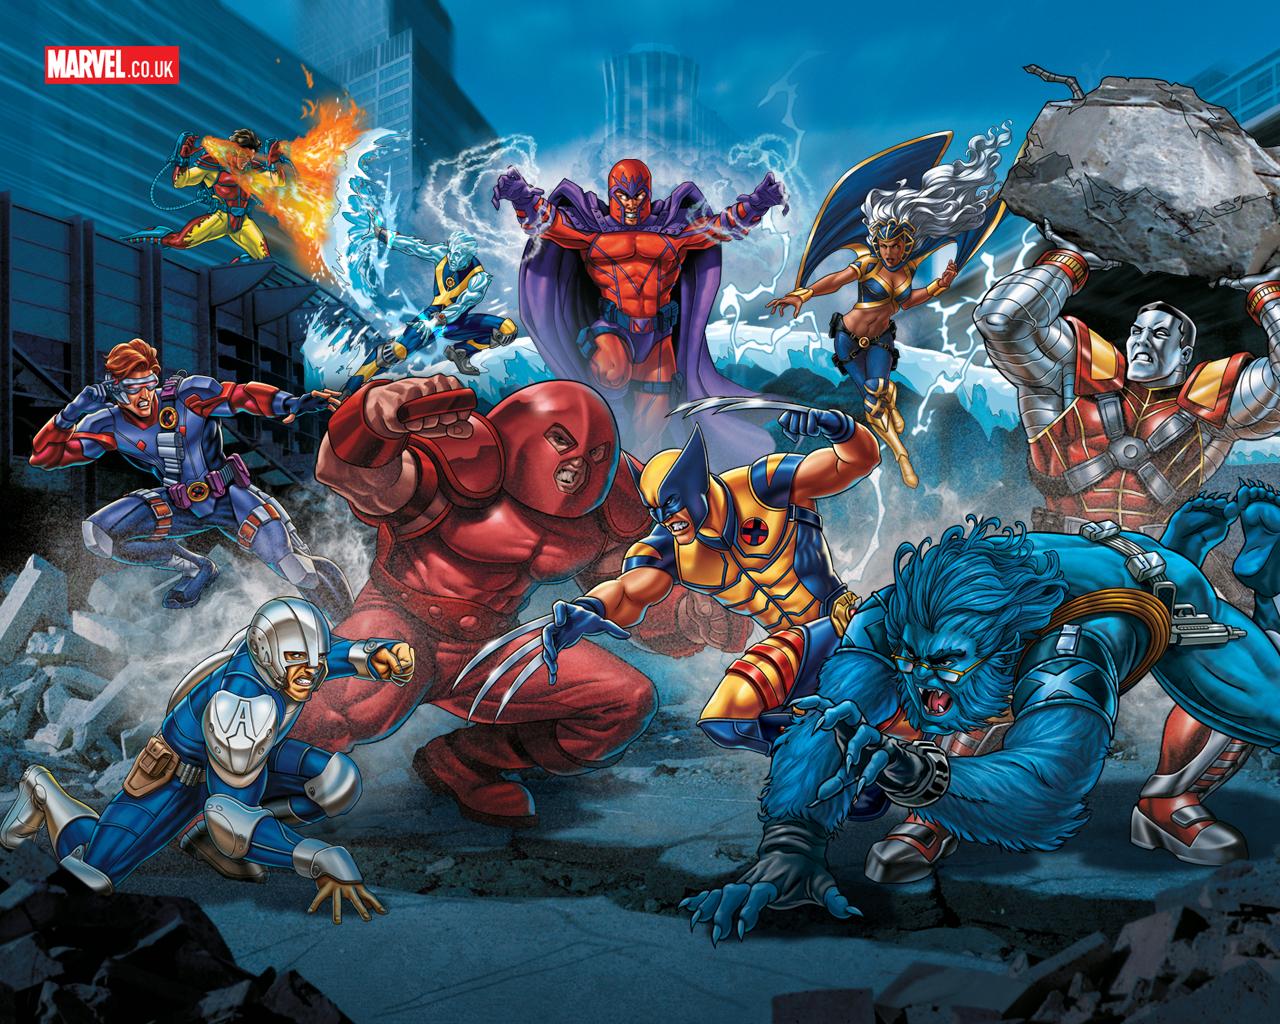 [48+] Comic Book Wallpapers for Desktop on WallpaperSafari